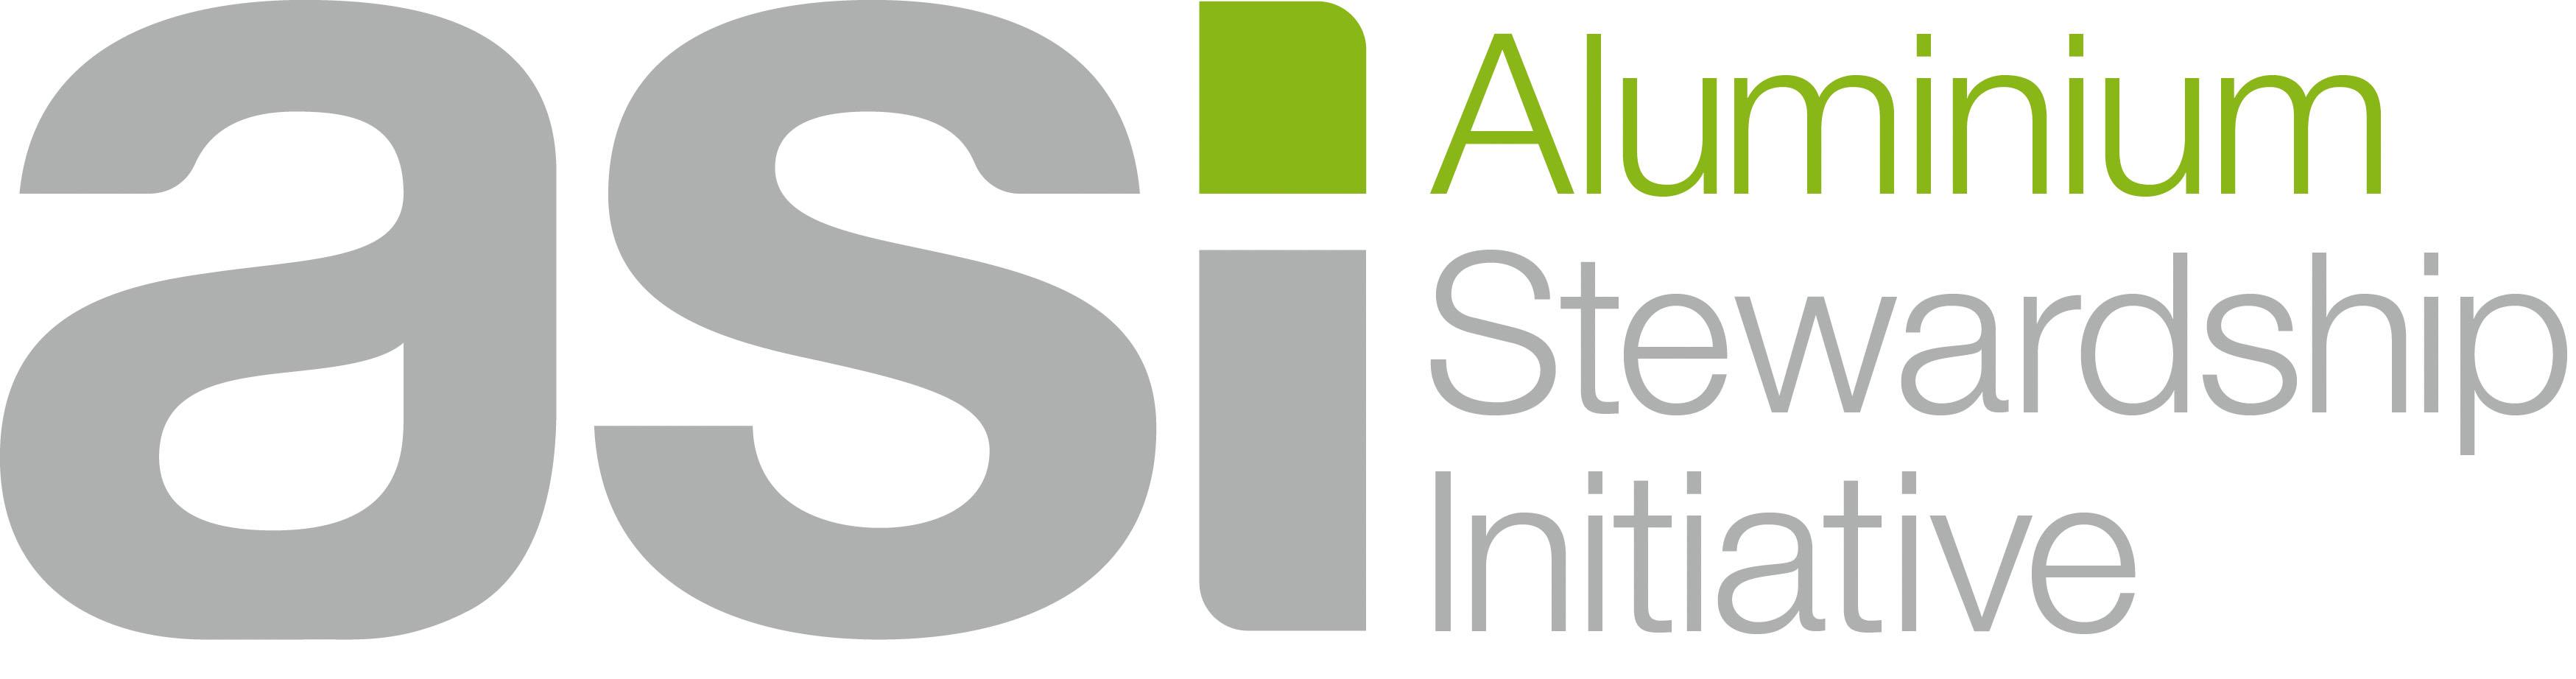 SIG tritt der Aluminium Stewardship Initiative bei, um die verantwortungsvolle Beschaffung voranzutreiben